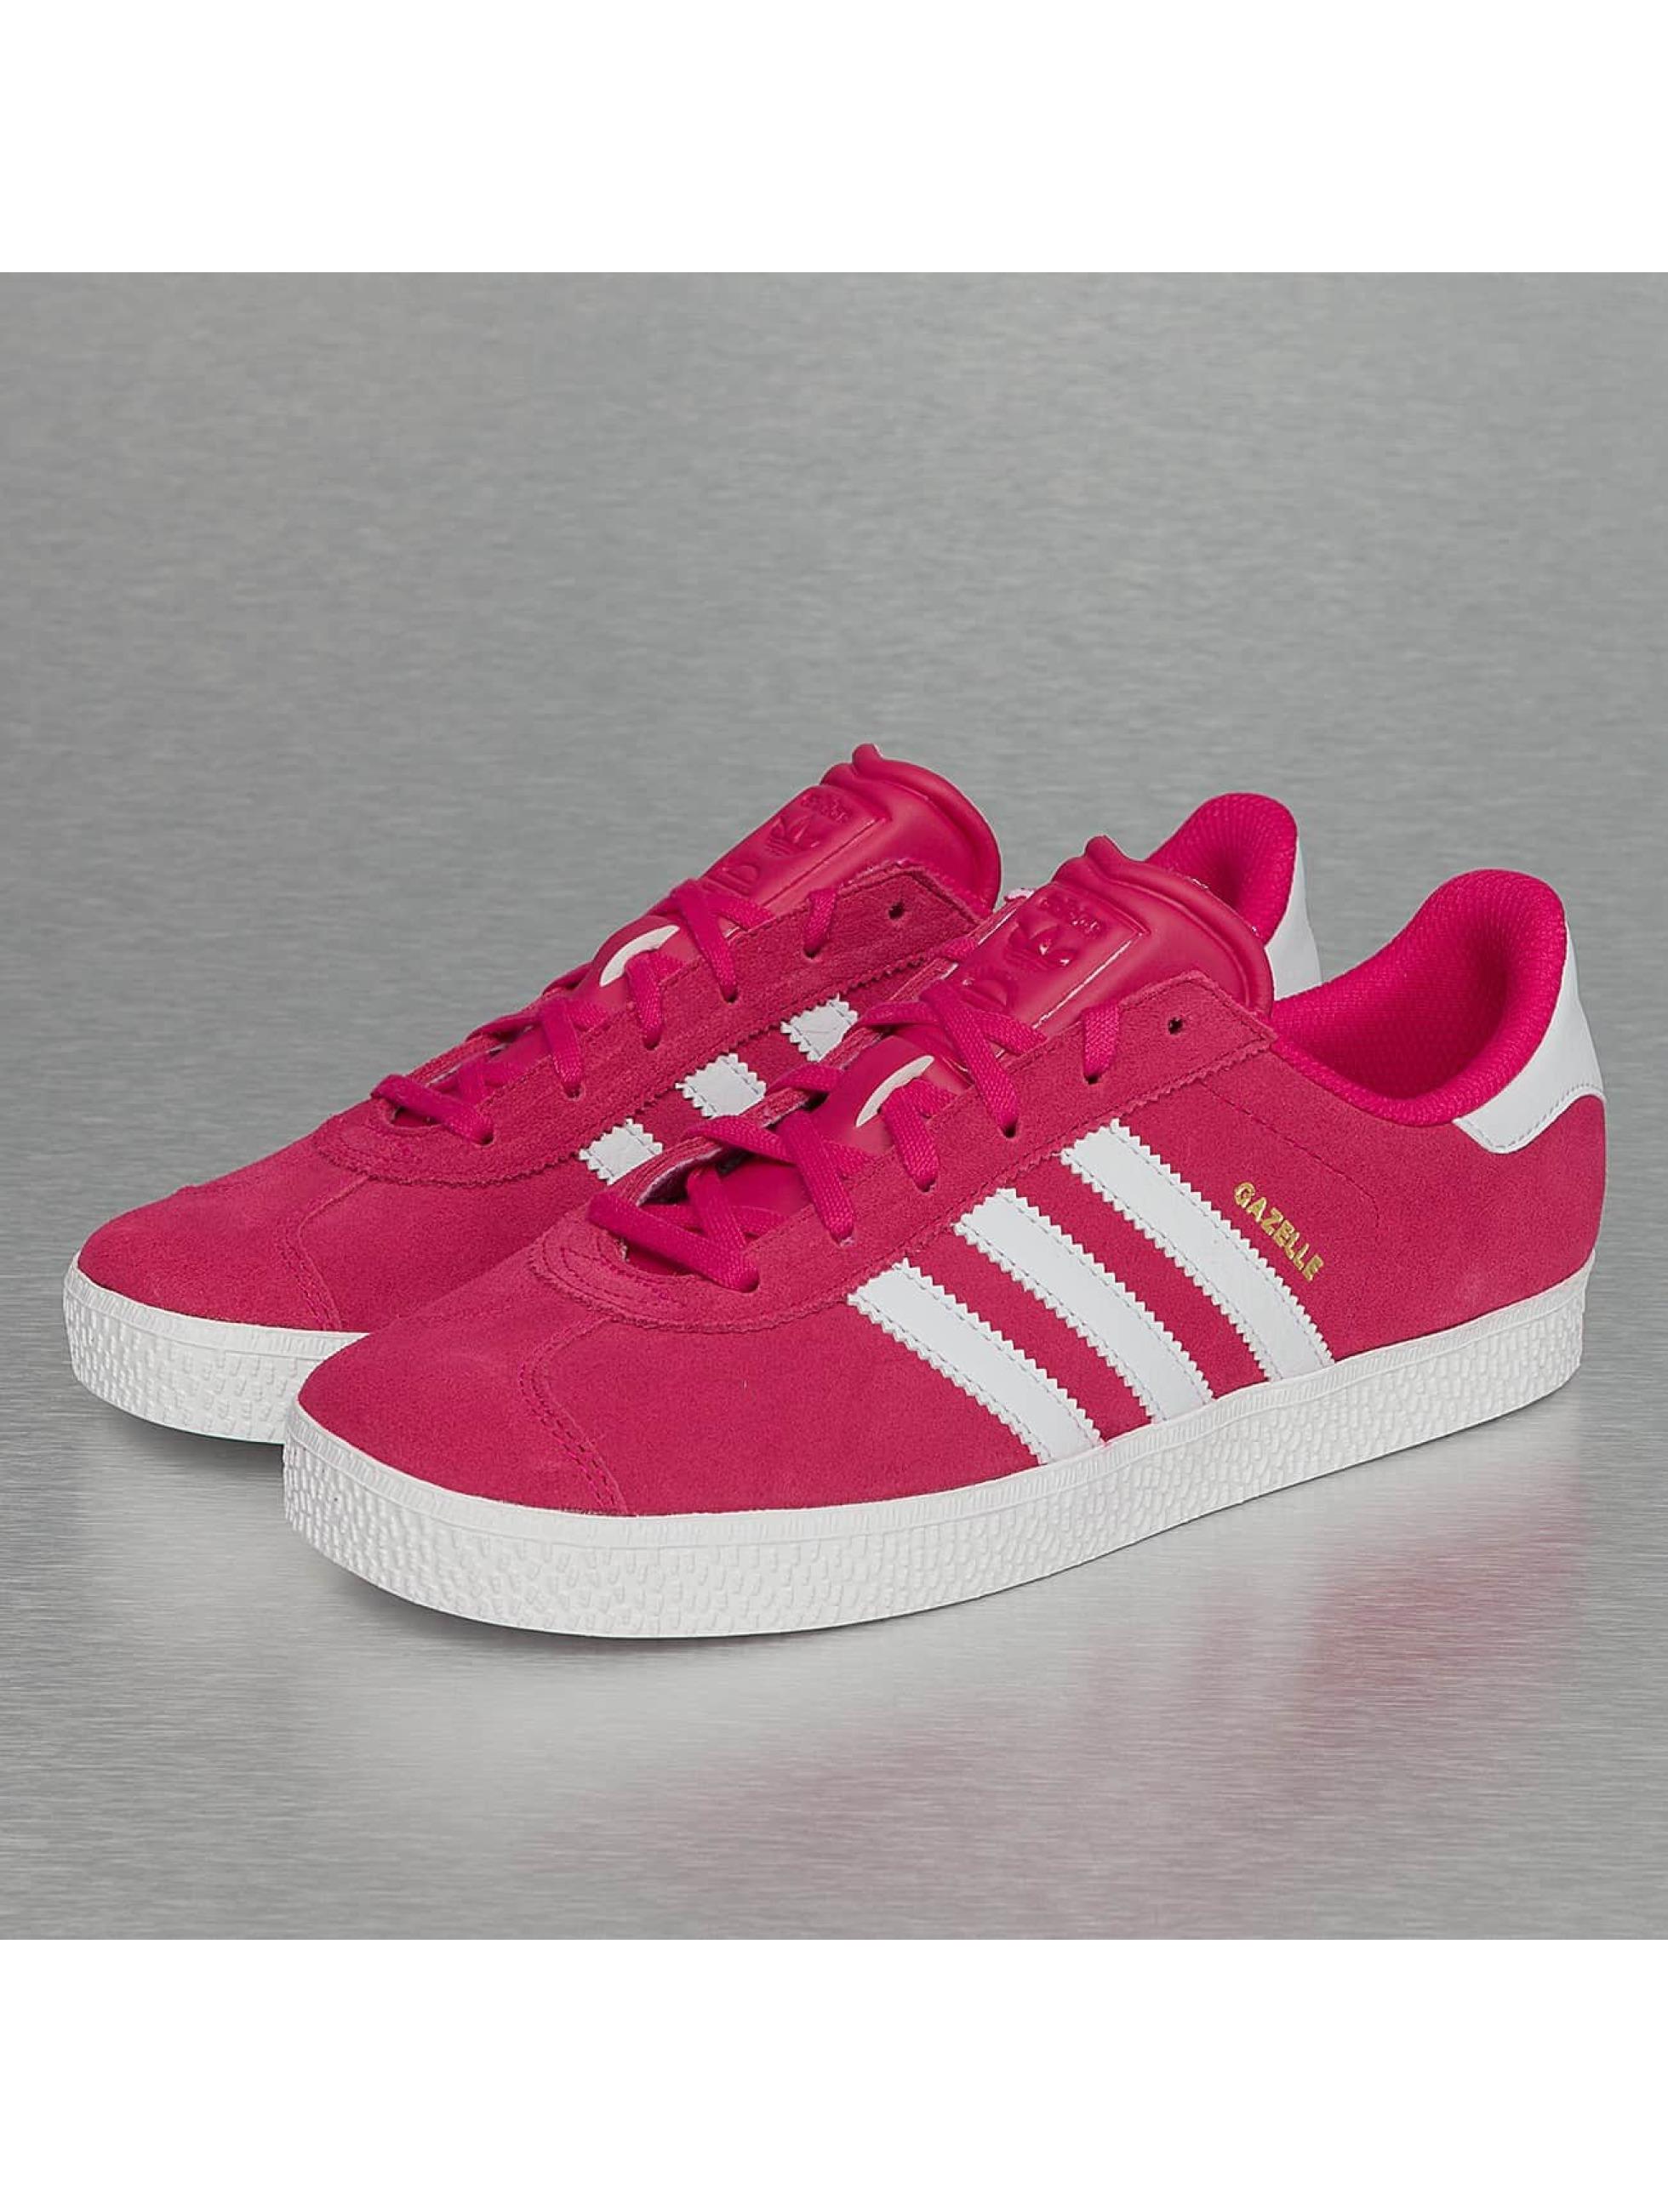 ... adidas Chaussures   Baskets Gazelle 2 en magenta ... b8f470a043